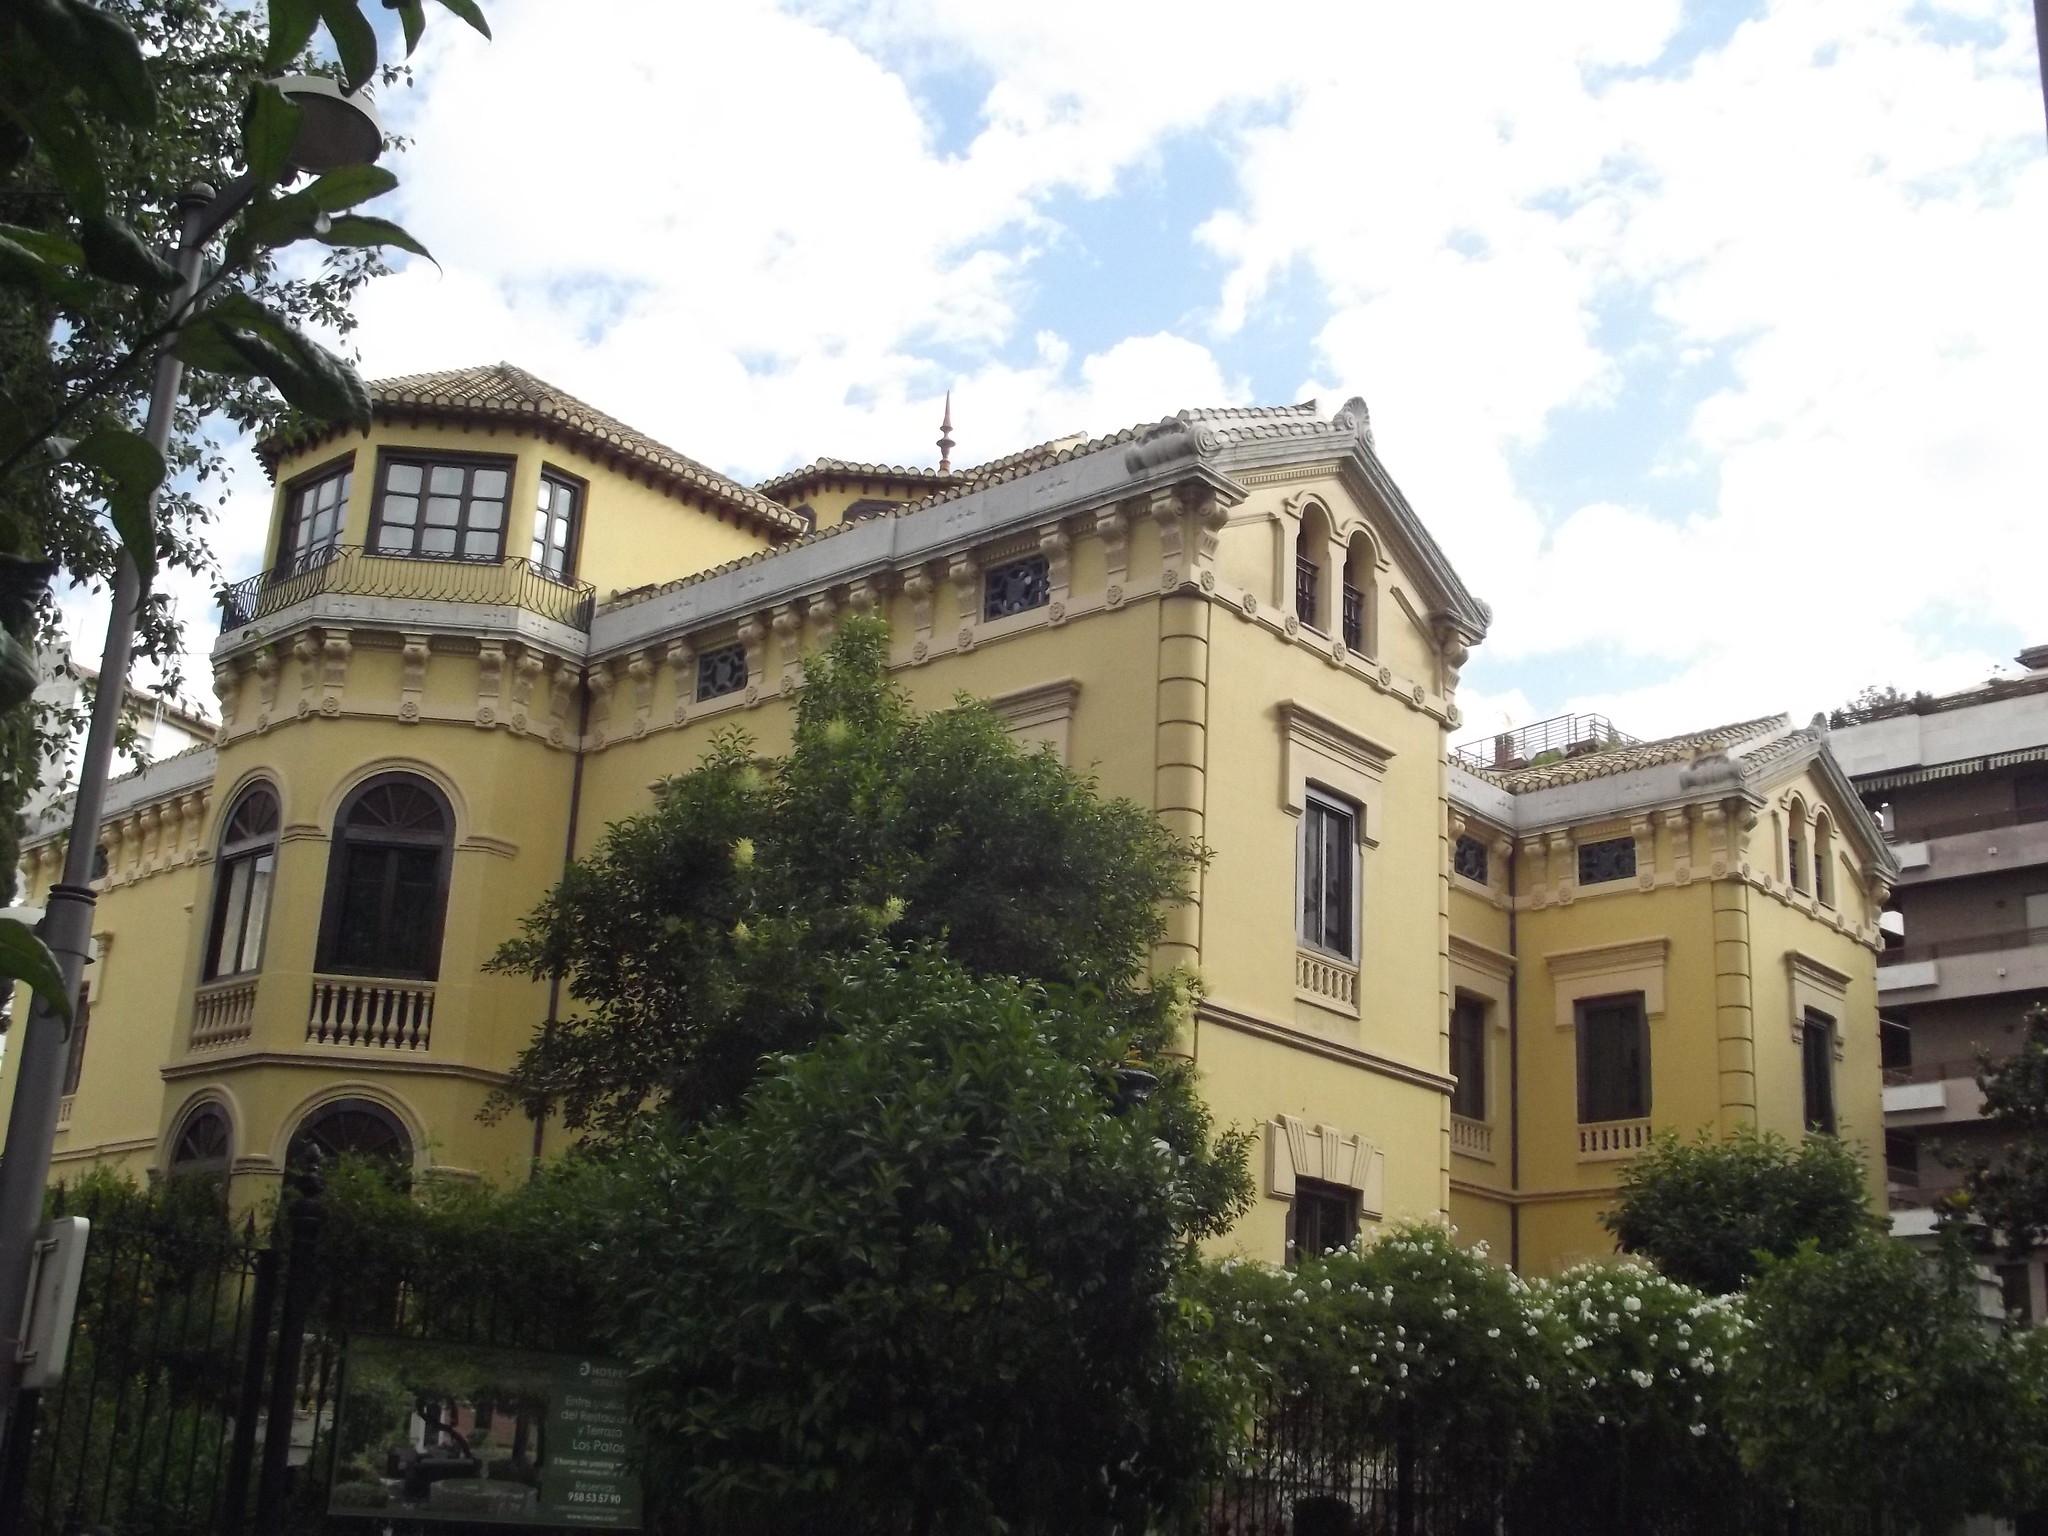 Hotel hospes palacio de los patos calle recogidas grana - Hotel hospes palacio de los patos ...